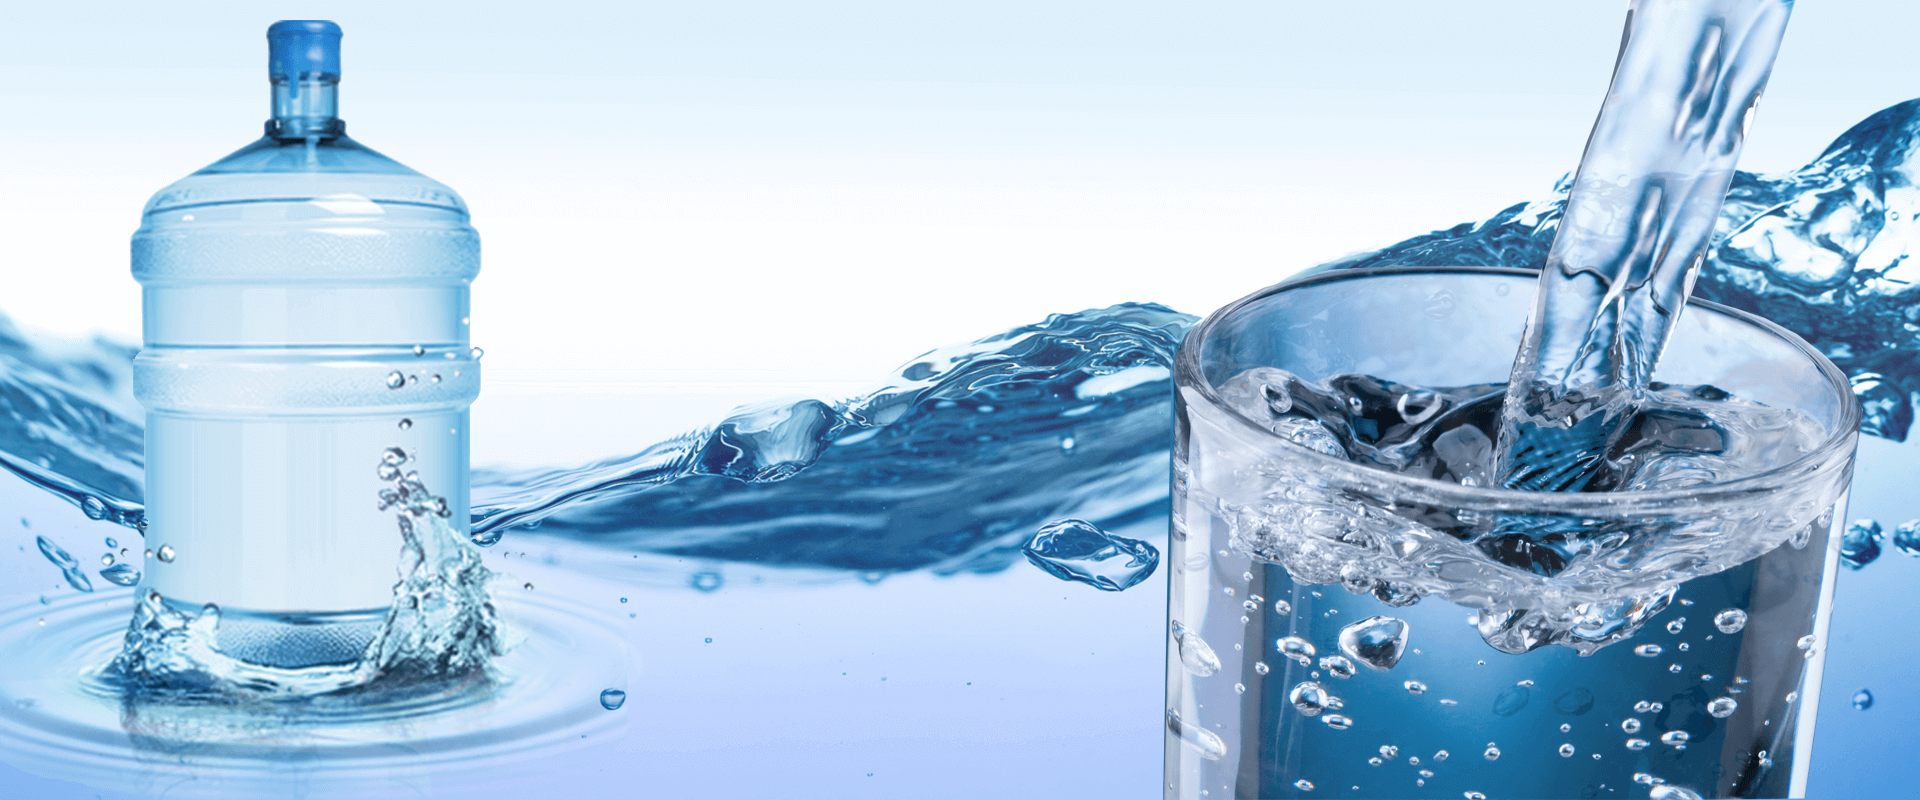 Доставка воды в залоговой таре от интернет-магазина voda.kh.ua